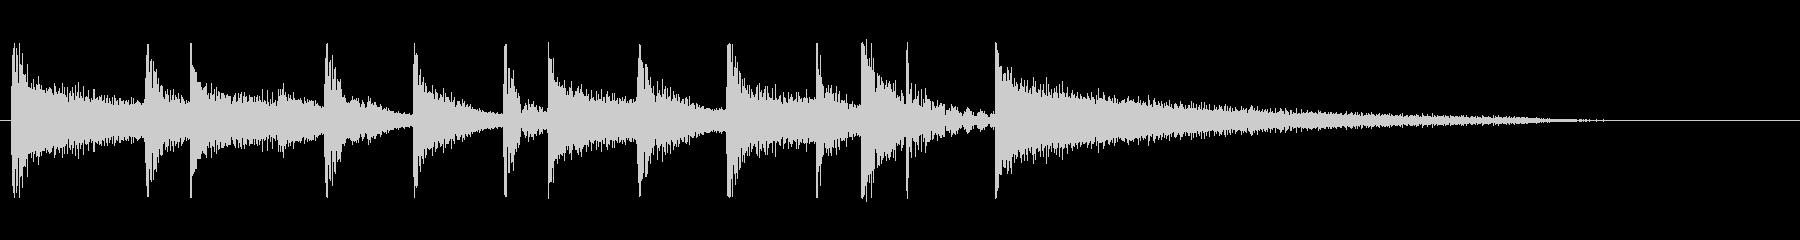 ほのぼの 鉄琴とピアノのバンドジングル2の未再生の波形